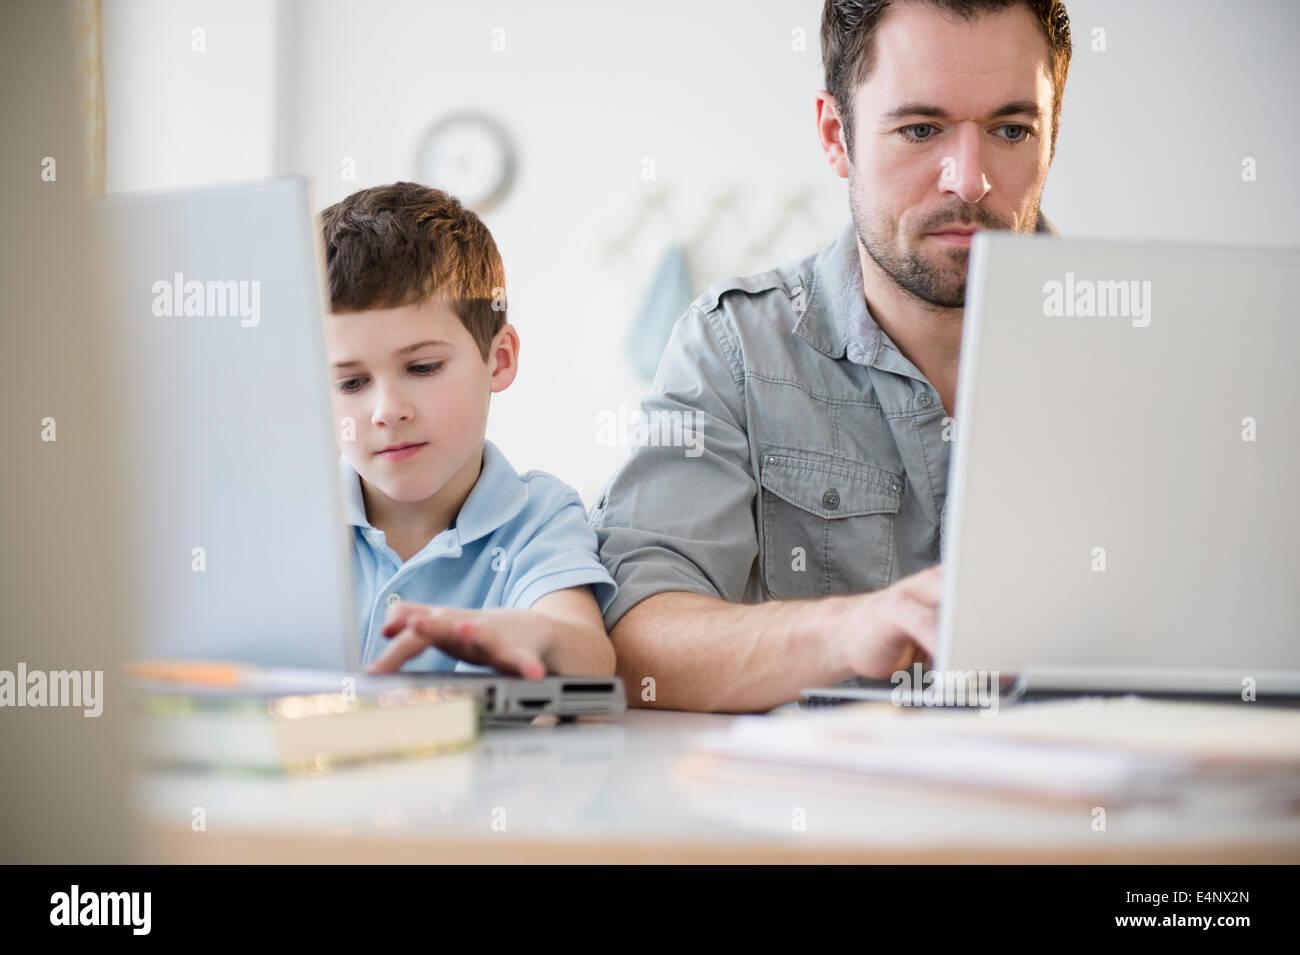 El padre y el hijo (8-9) trabajando con portátiles Imagen De Stock